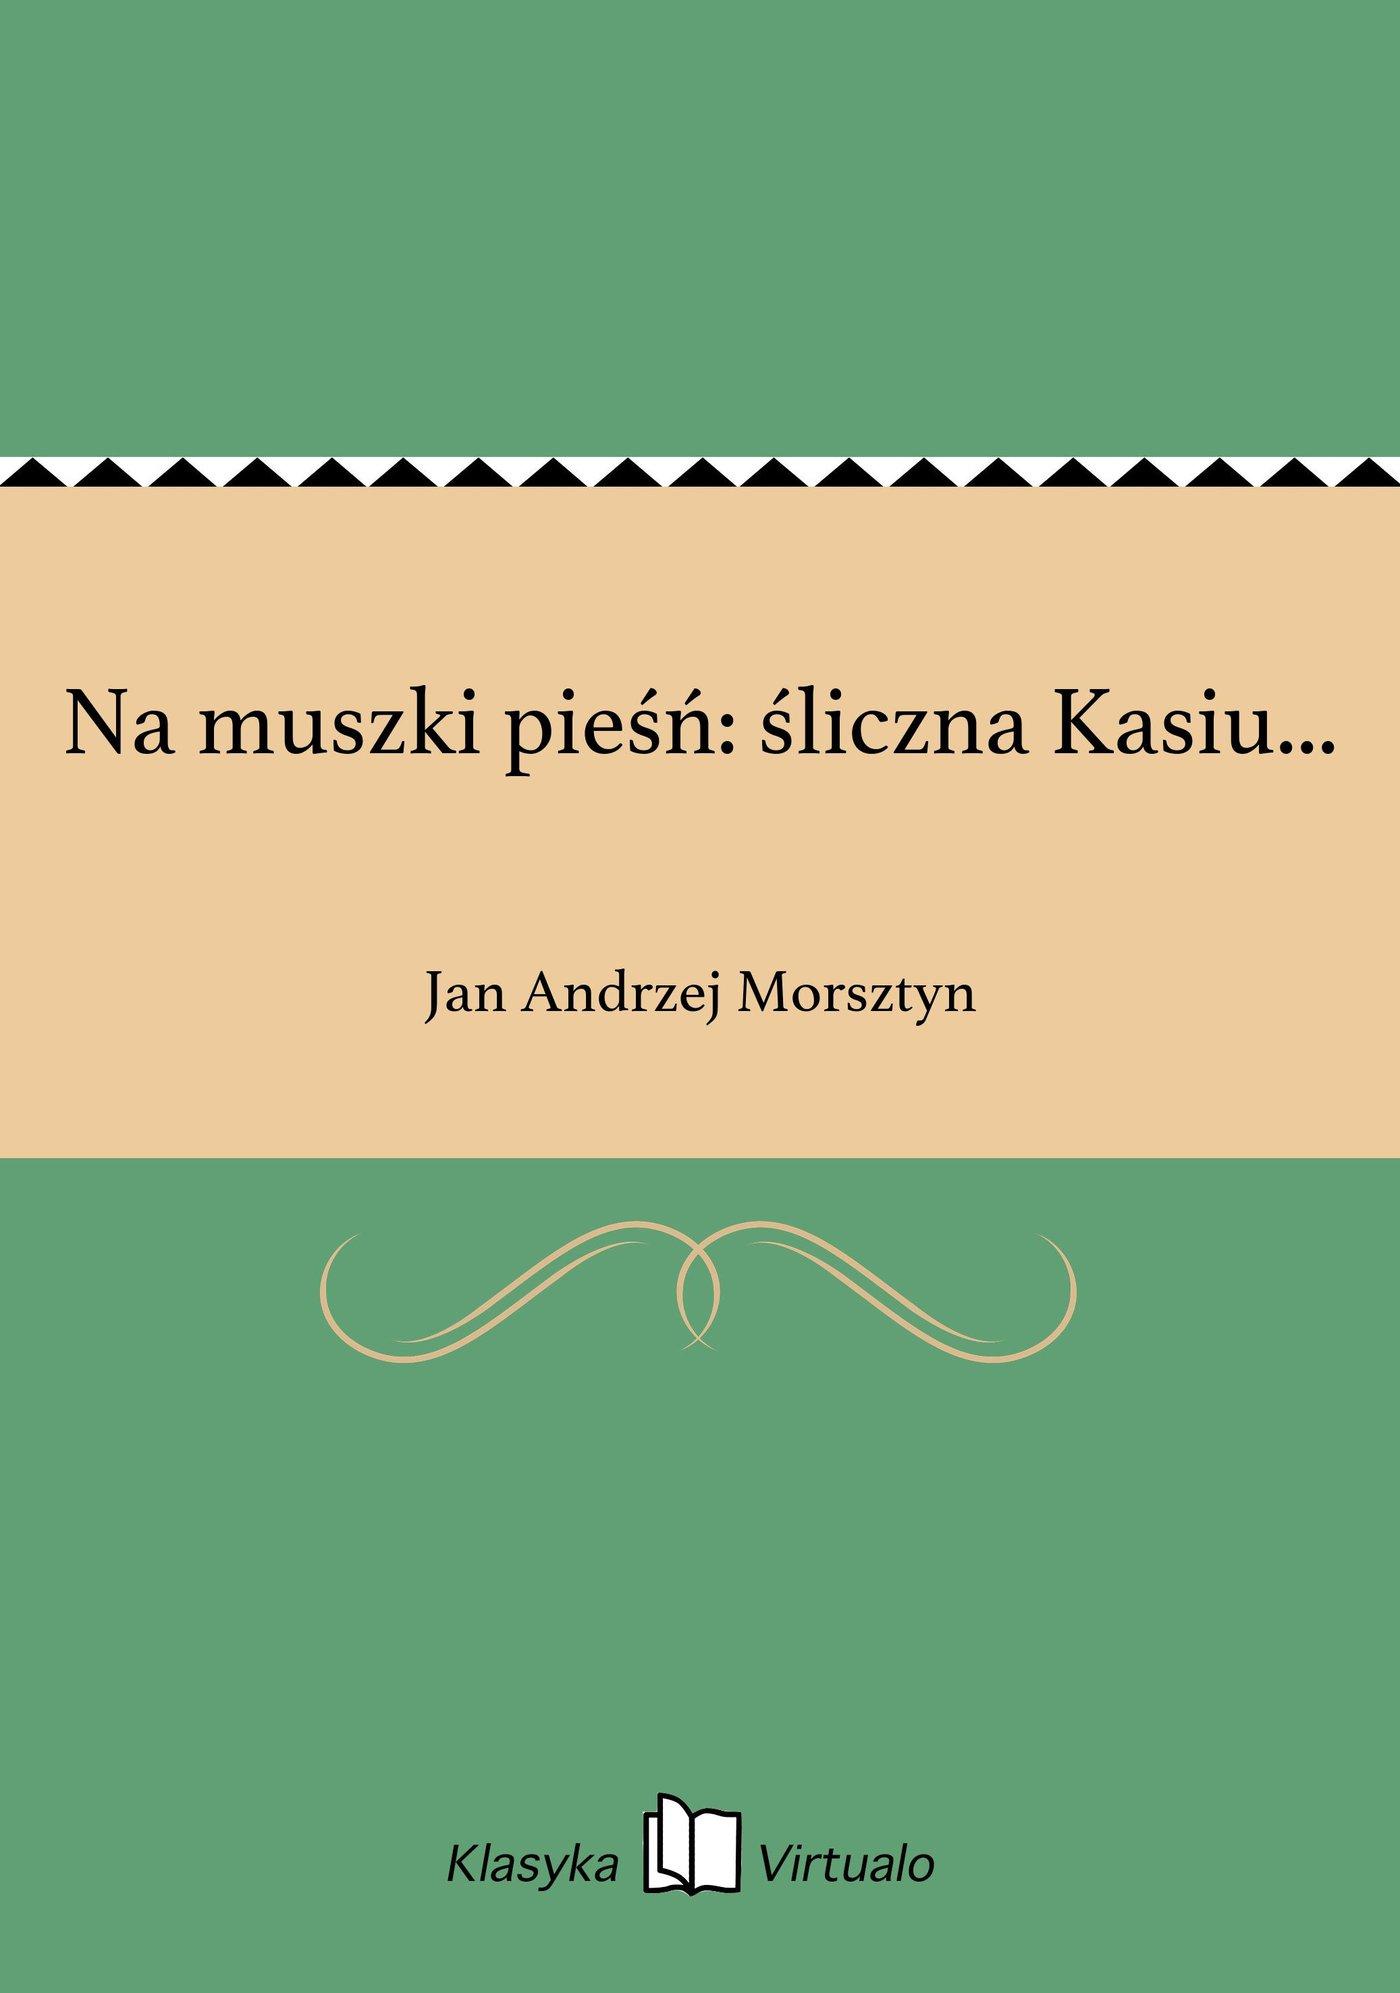 Na muszki pieśń: śliczna Kasiu... - Ebook (Książka EPUB) do pobrania w formacie EPUB